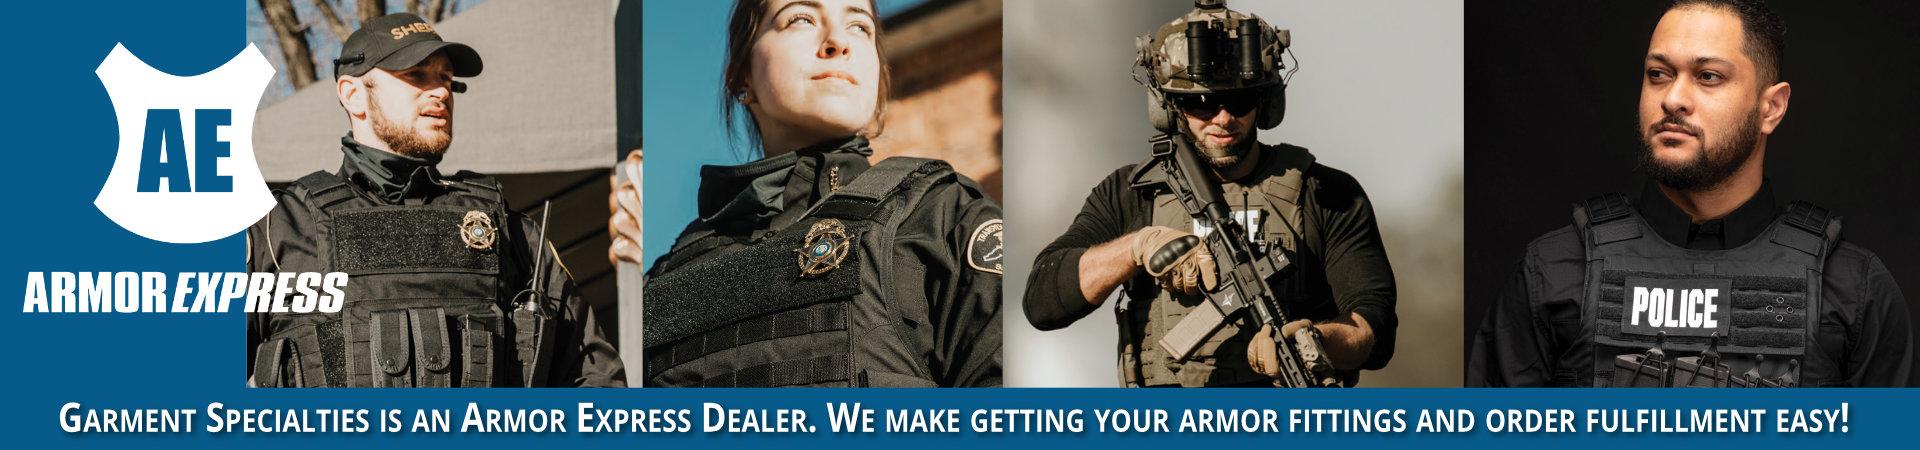 garment specialties is an armor express dealer